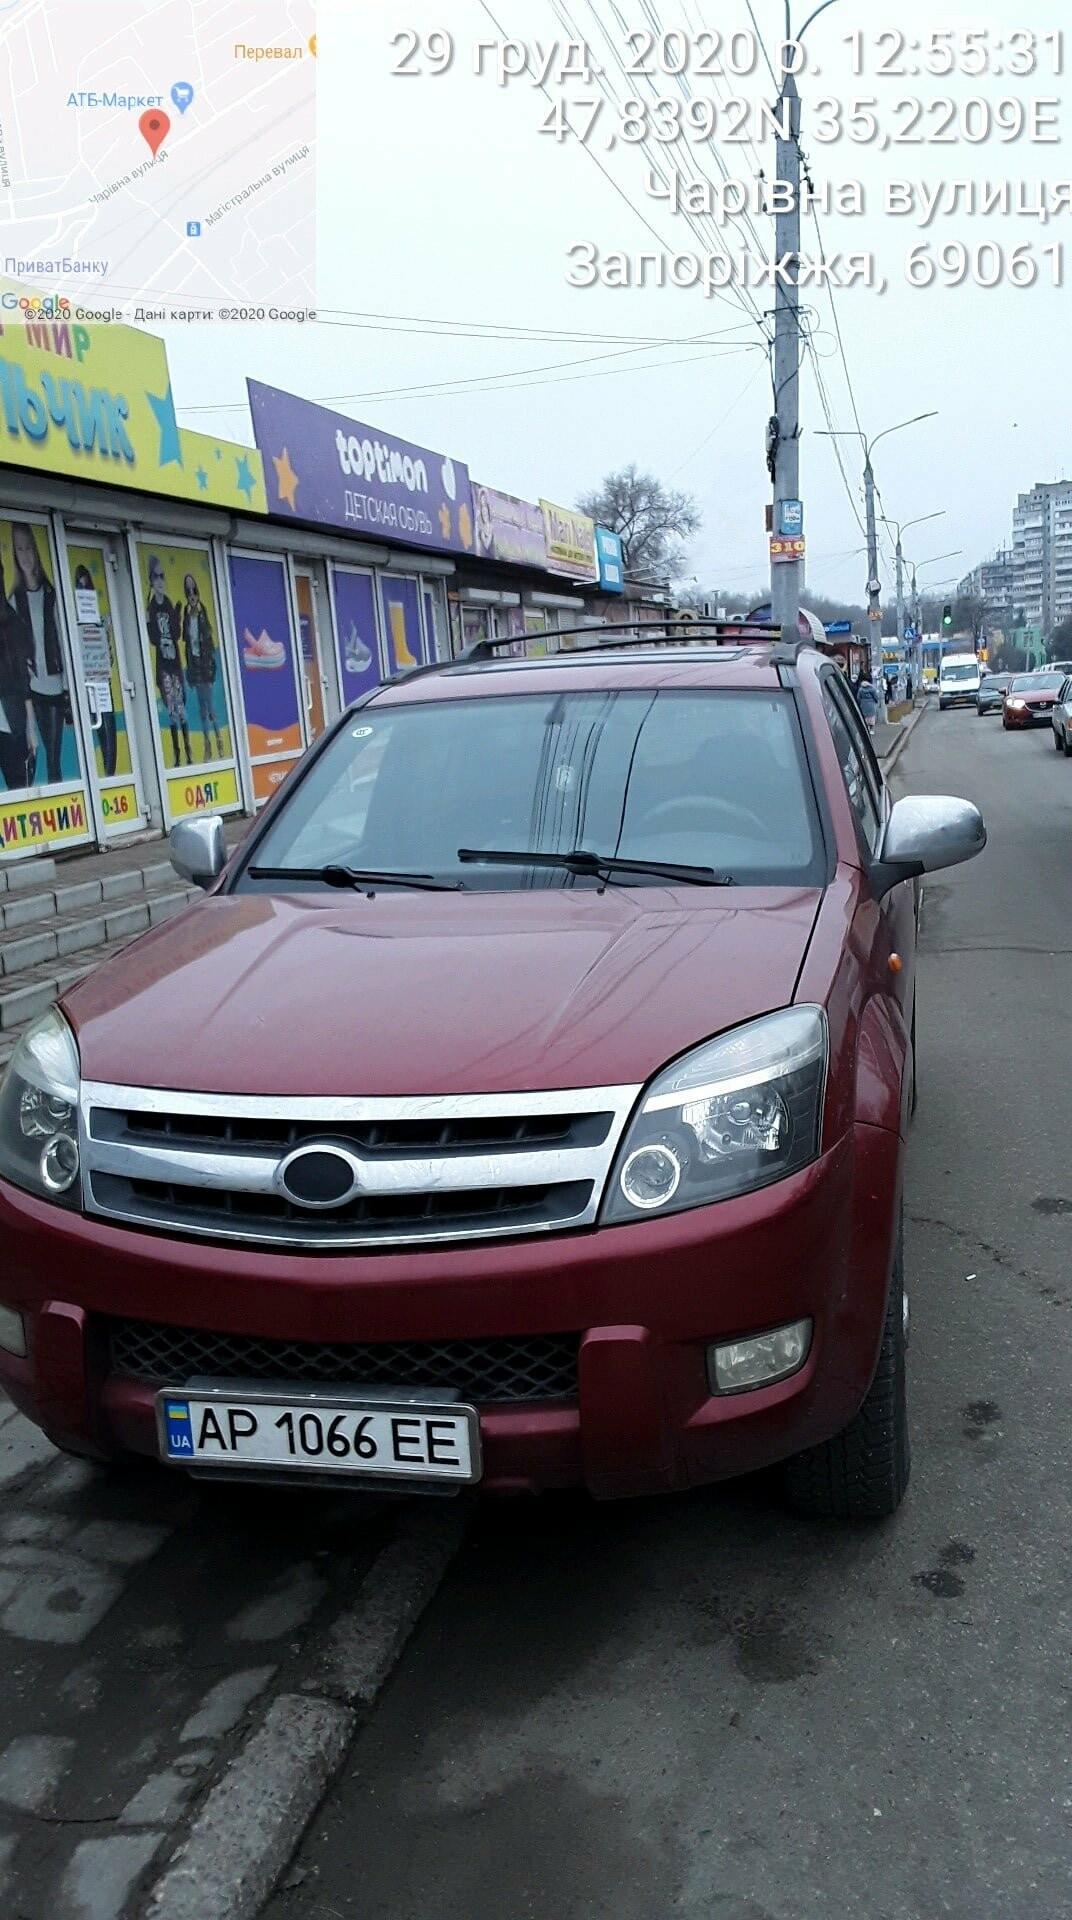 Знаки на меня не распространяются: водителю служебного авто госпредприятия выписали штраф за парковку в запрещенном месте  , фото-5